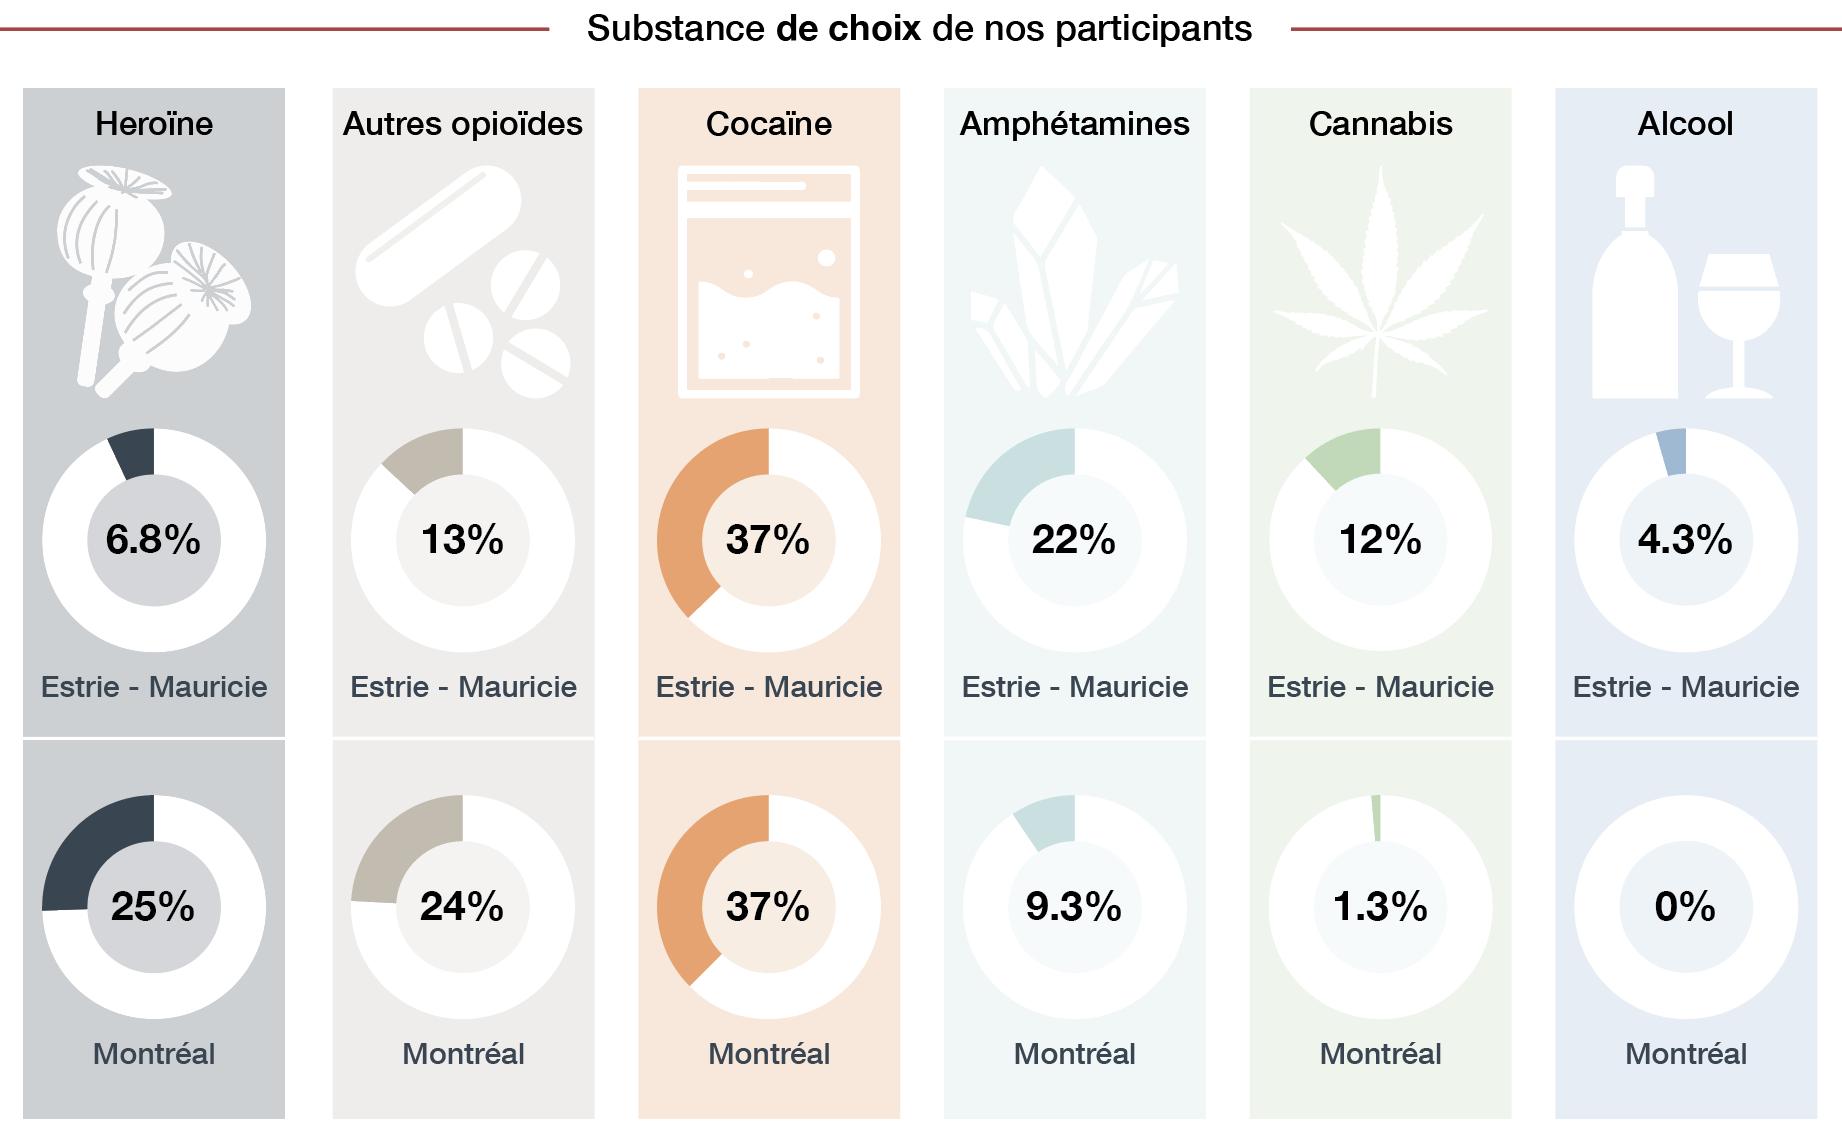 diagrammes-circulaires-substances-de-choix-de-nos-participants